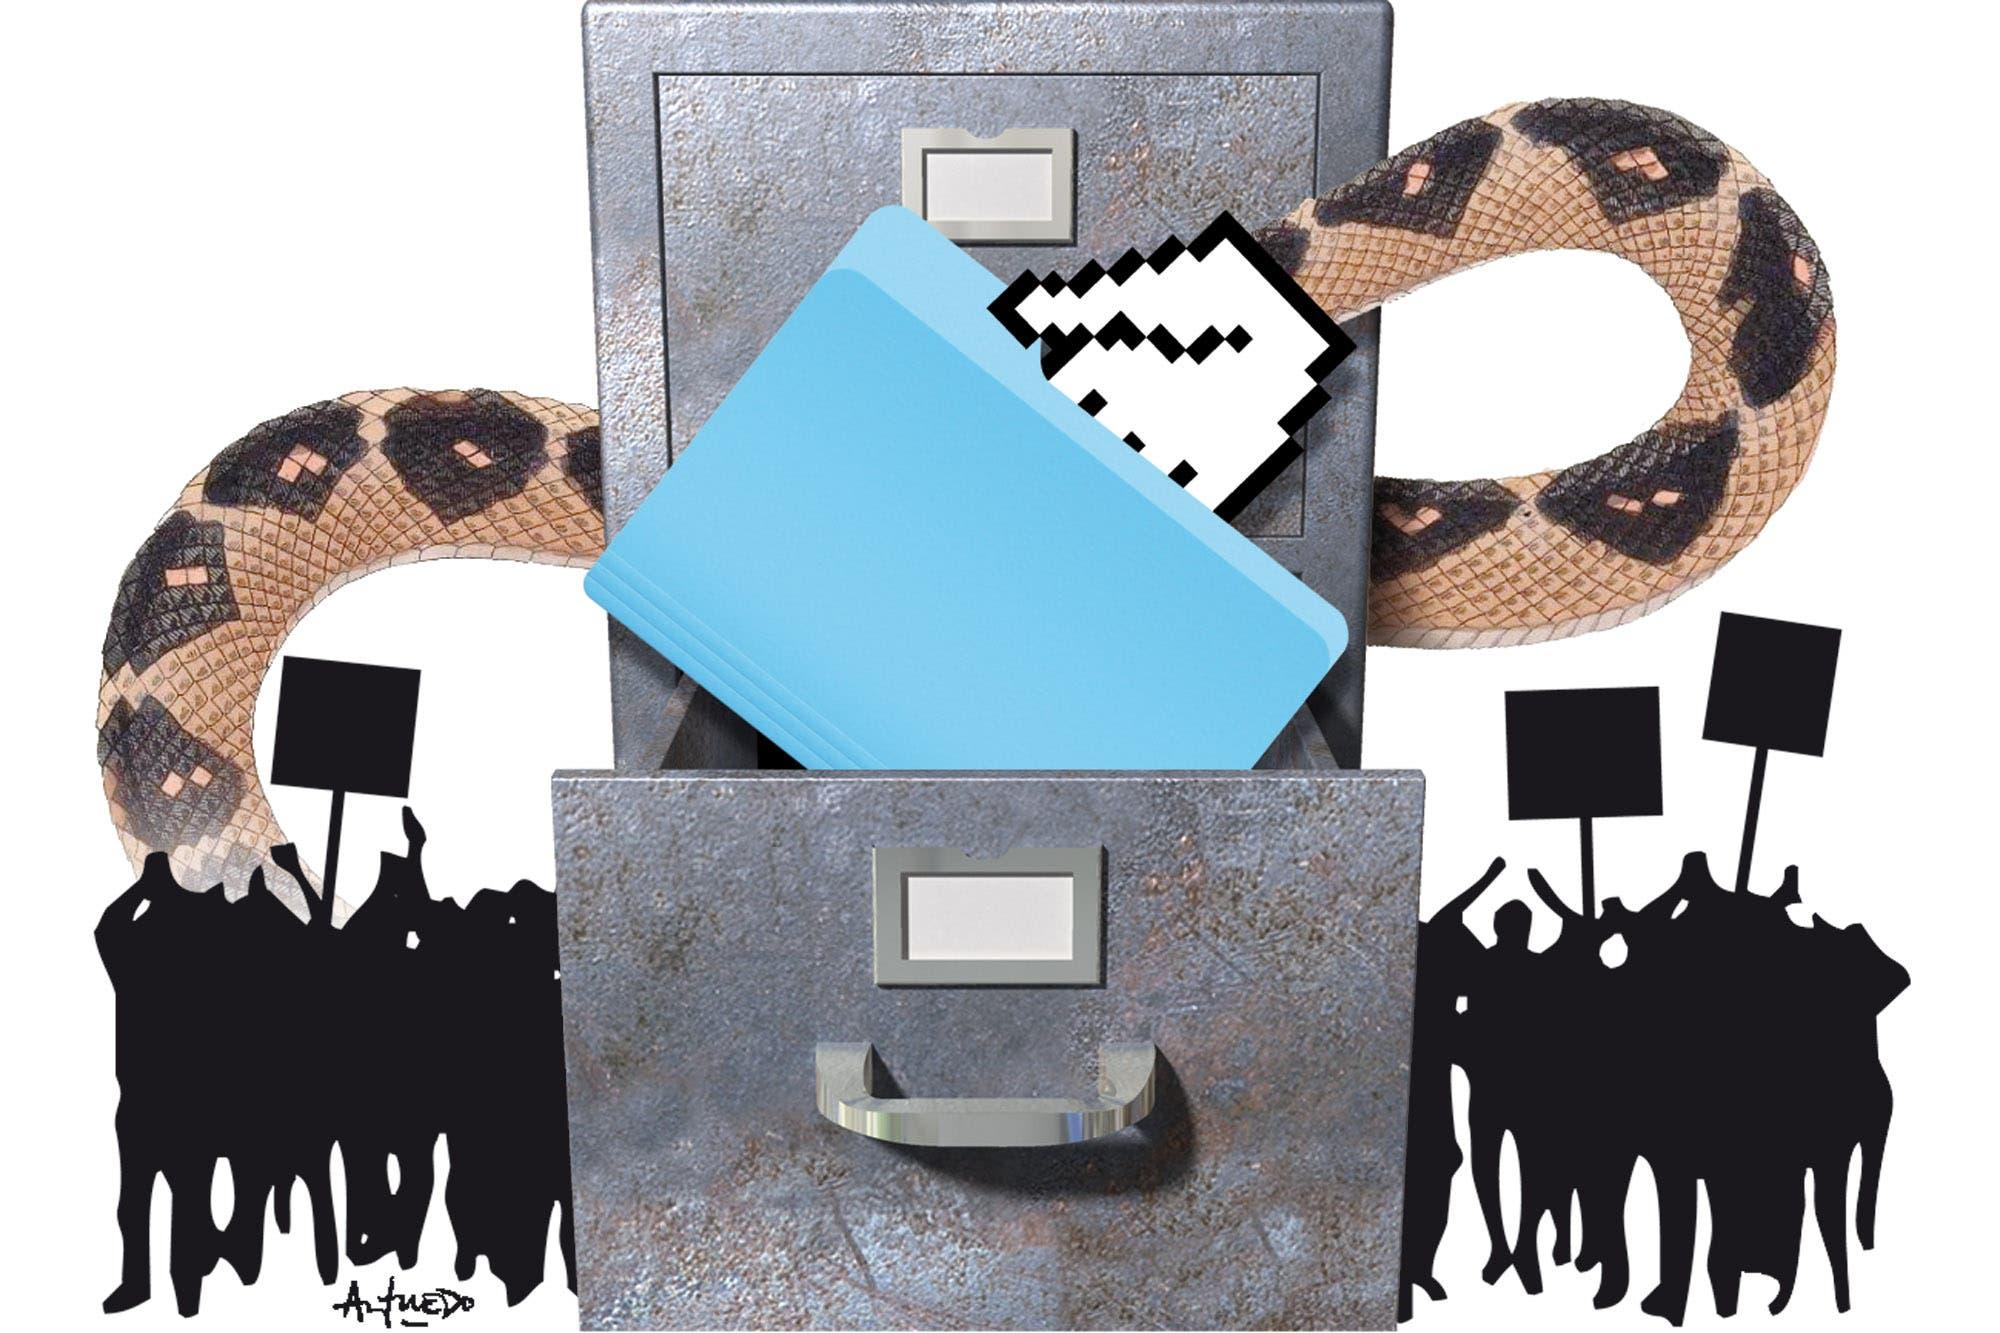 Campañas electorales. La guerra secreta por las bases de datos personales